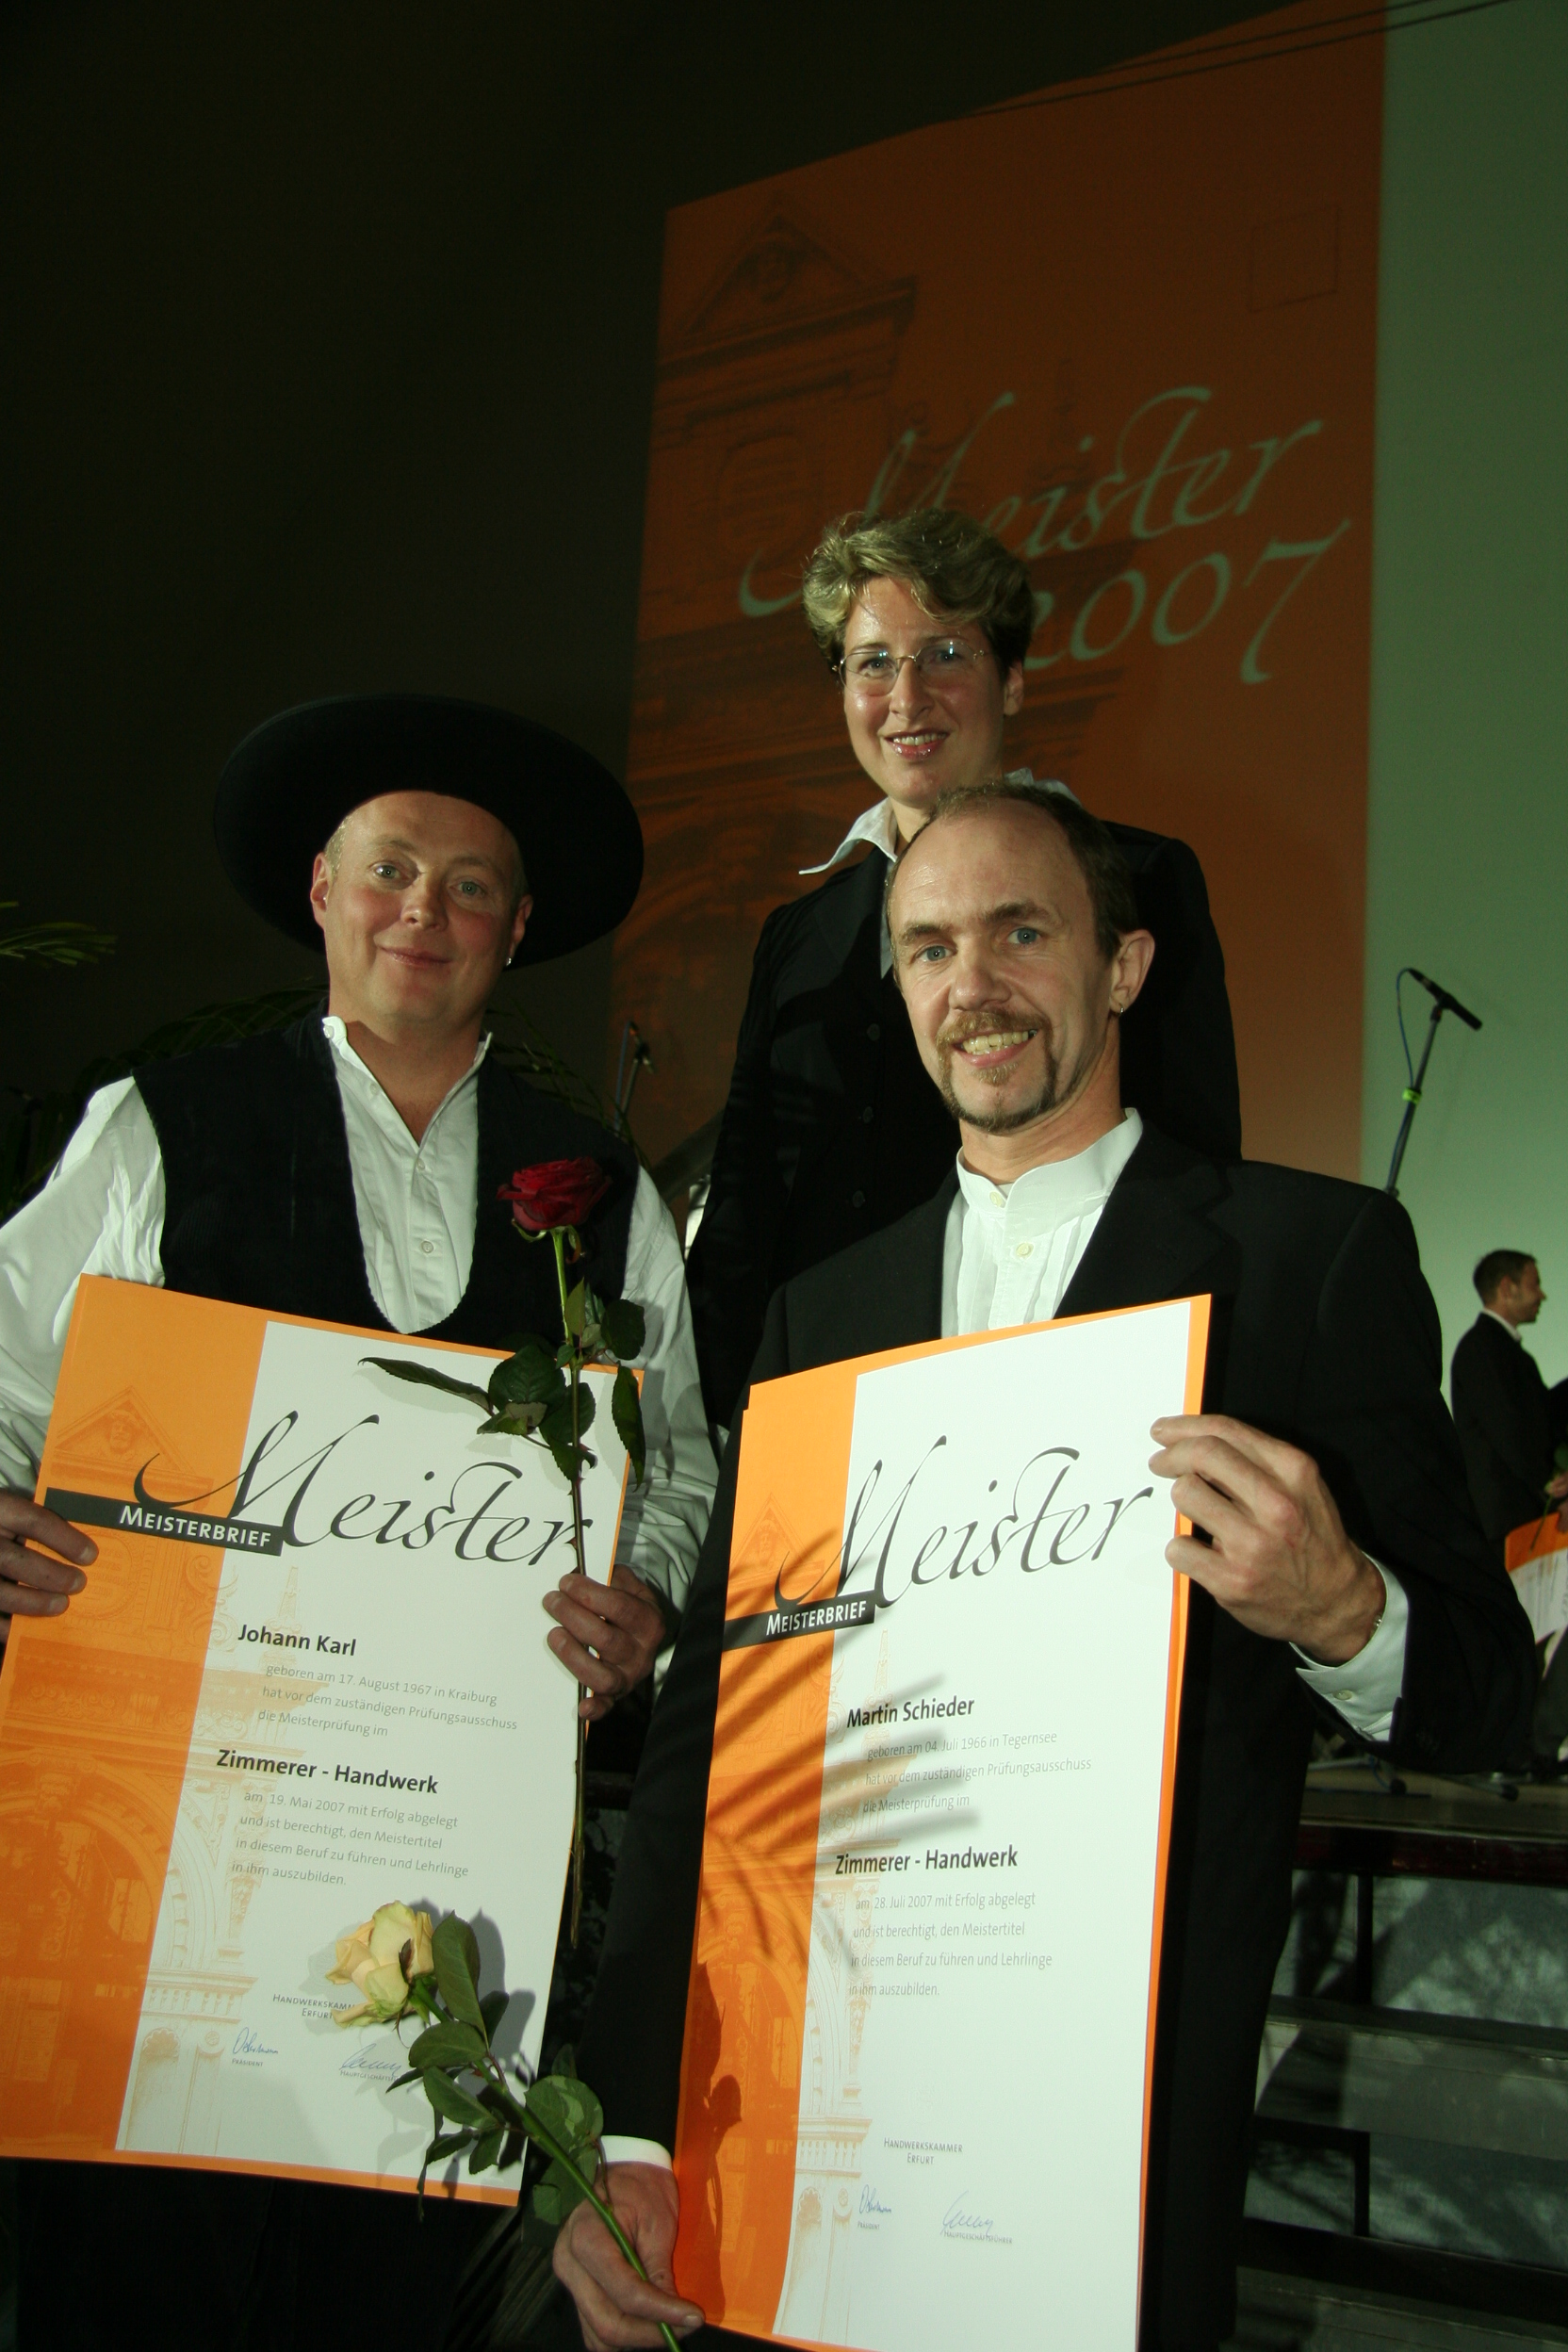 Hans Karl, Martin Schieder, Simone Pfeffer-Brandl